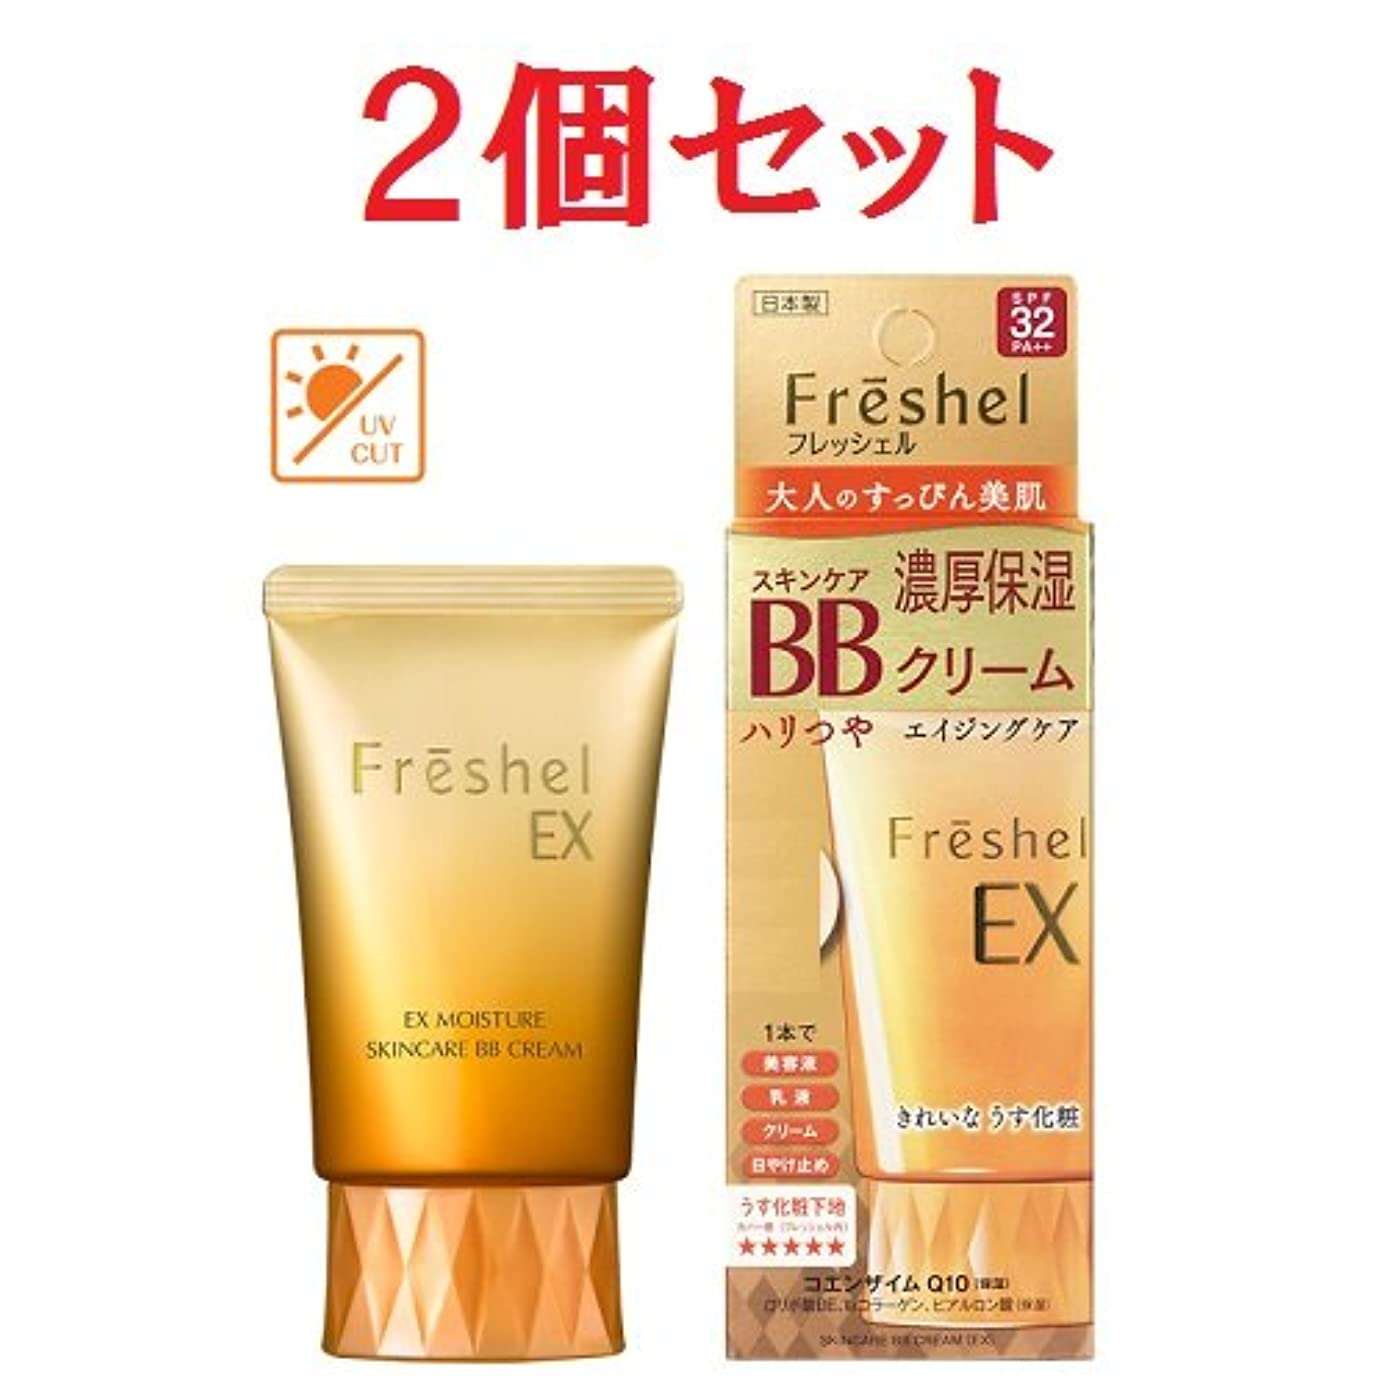 情緒的蒸留アセ2個セット フレッシェル スキンケア BBクリーム EX 50g NB